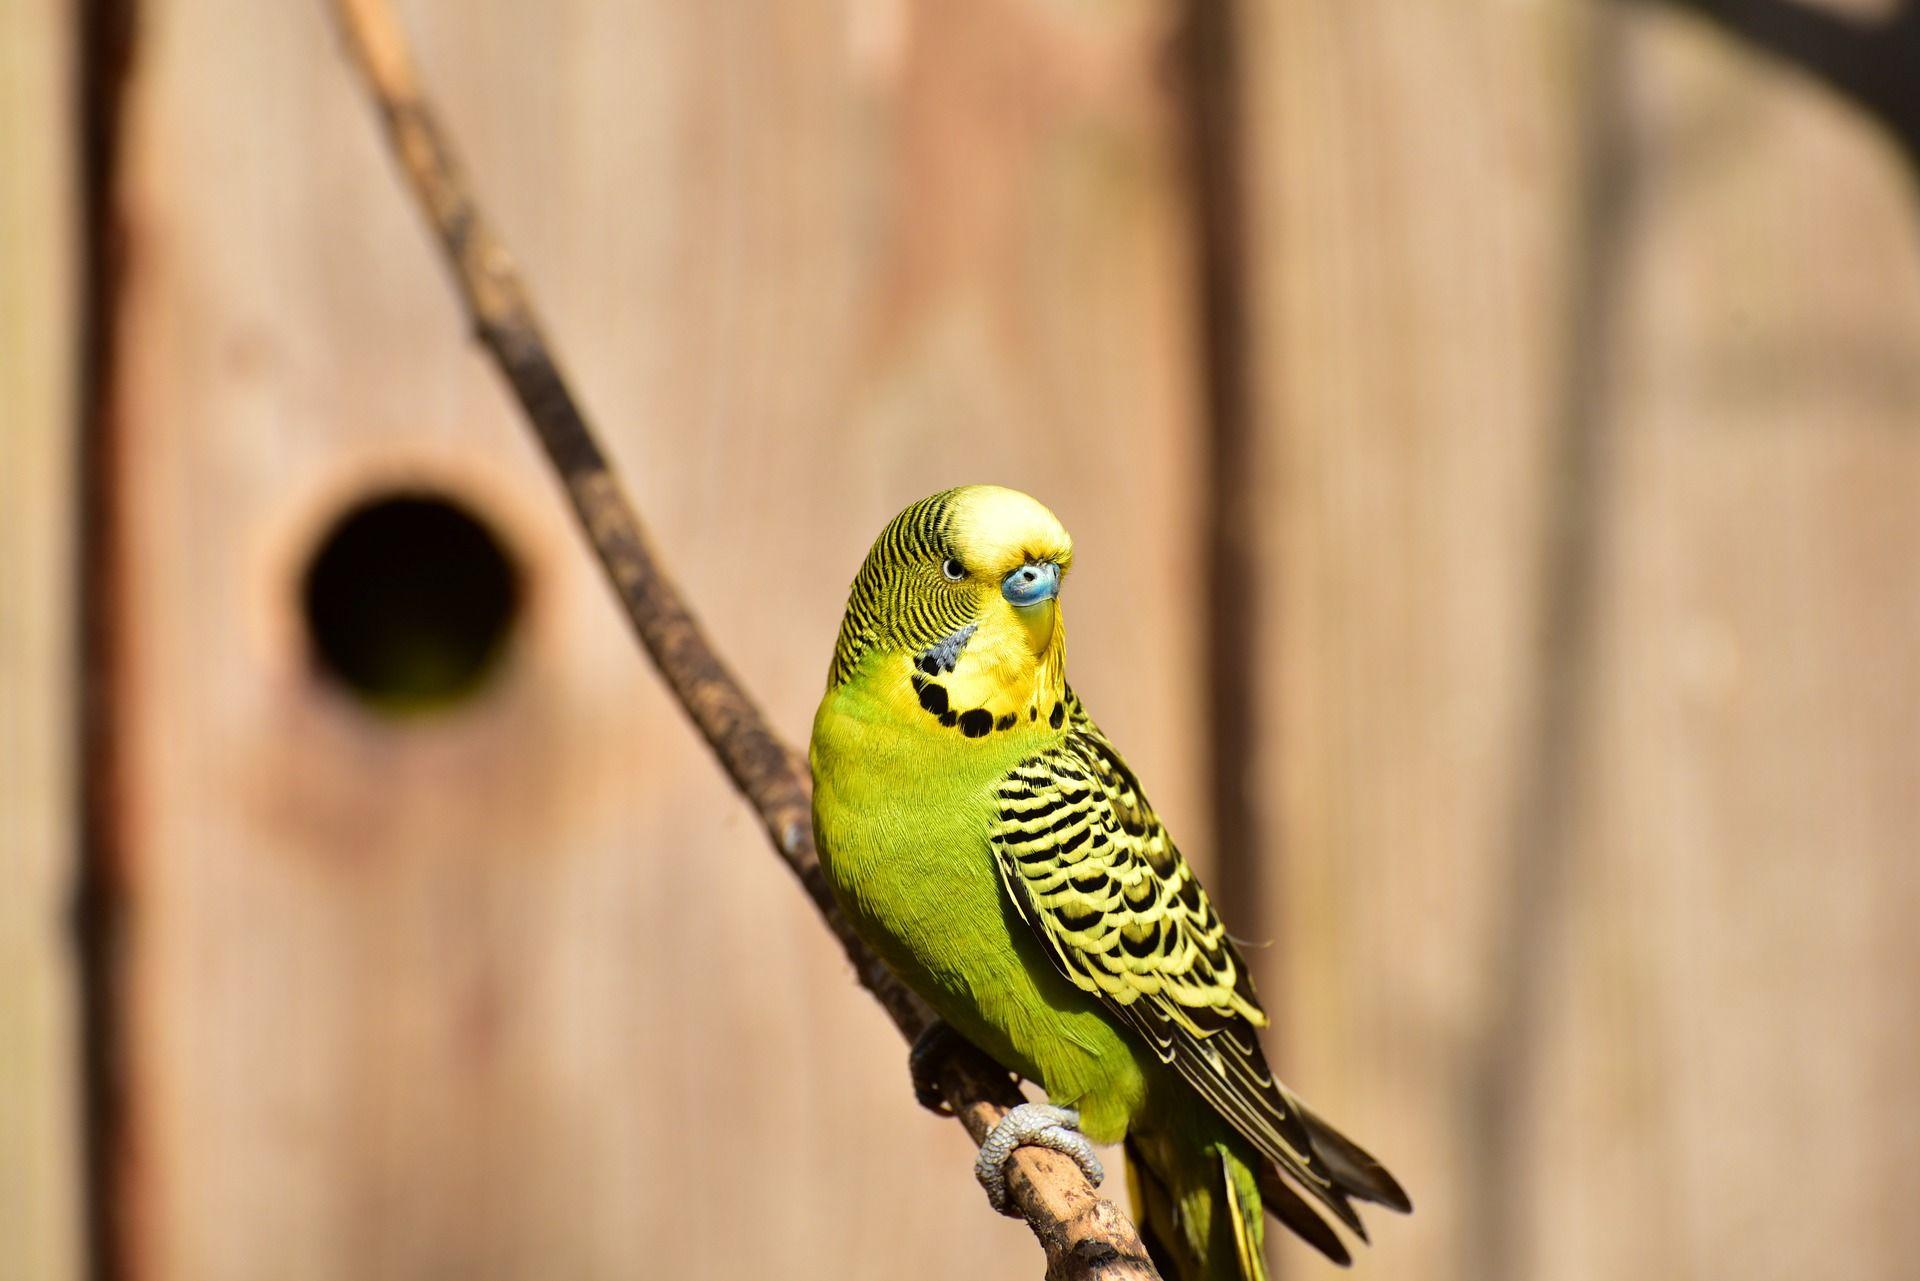 Скачать бесплатно лучшее фото попугая в хорошем качестве